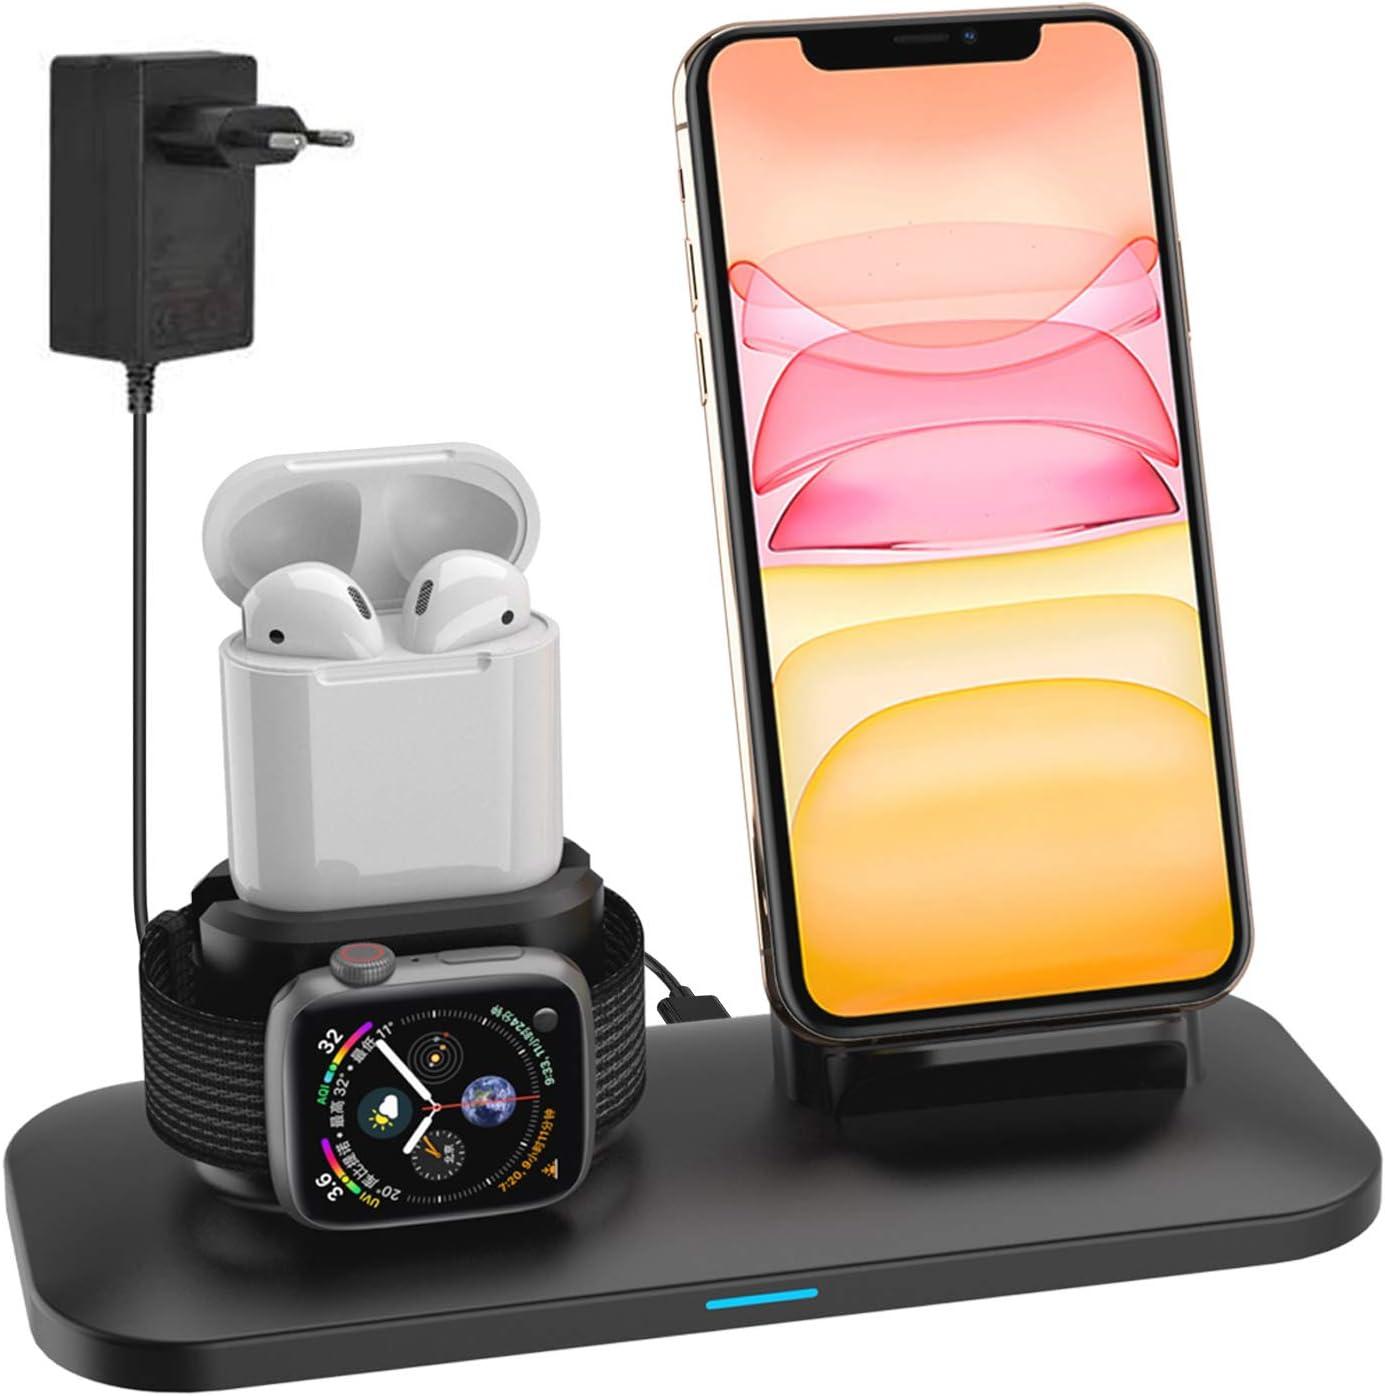 Soporte de Carga para A pple Watch, Estación de Carga Rápida Qi Inalámbrica 3 en 1 Soportes de Carga de para iPhone11 pro X XS MAX 8 Plus Teléfonos Qi-Enabled AirPods e iWatch Series5/ 4/3/2/1- Negro